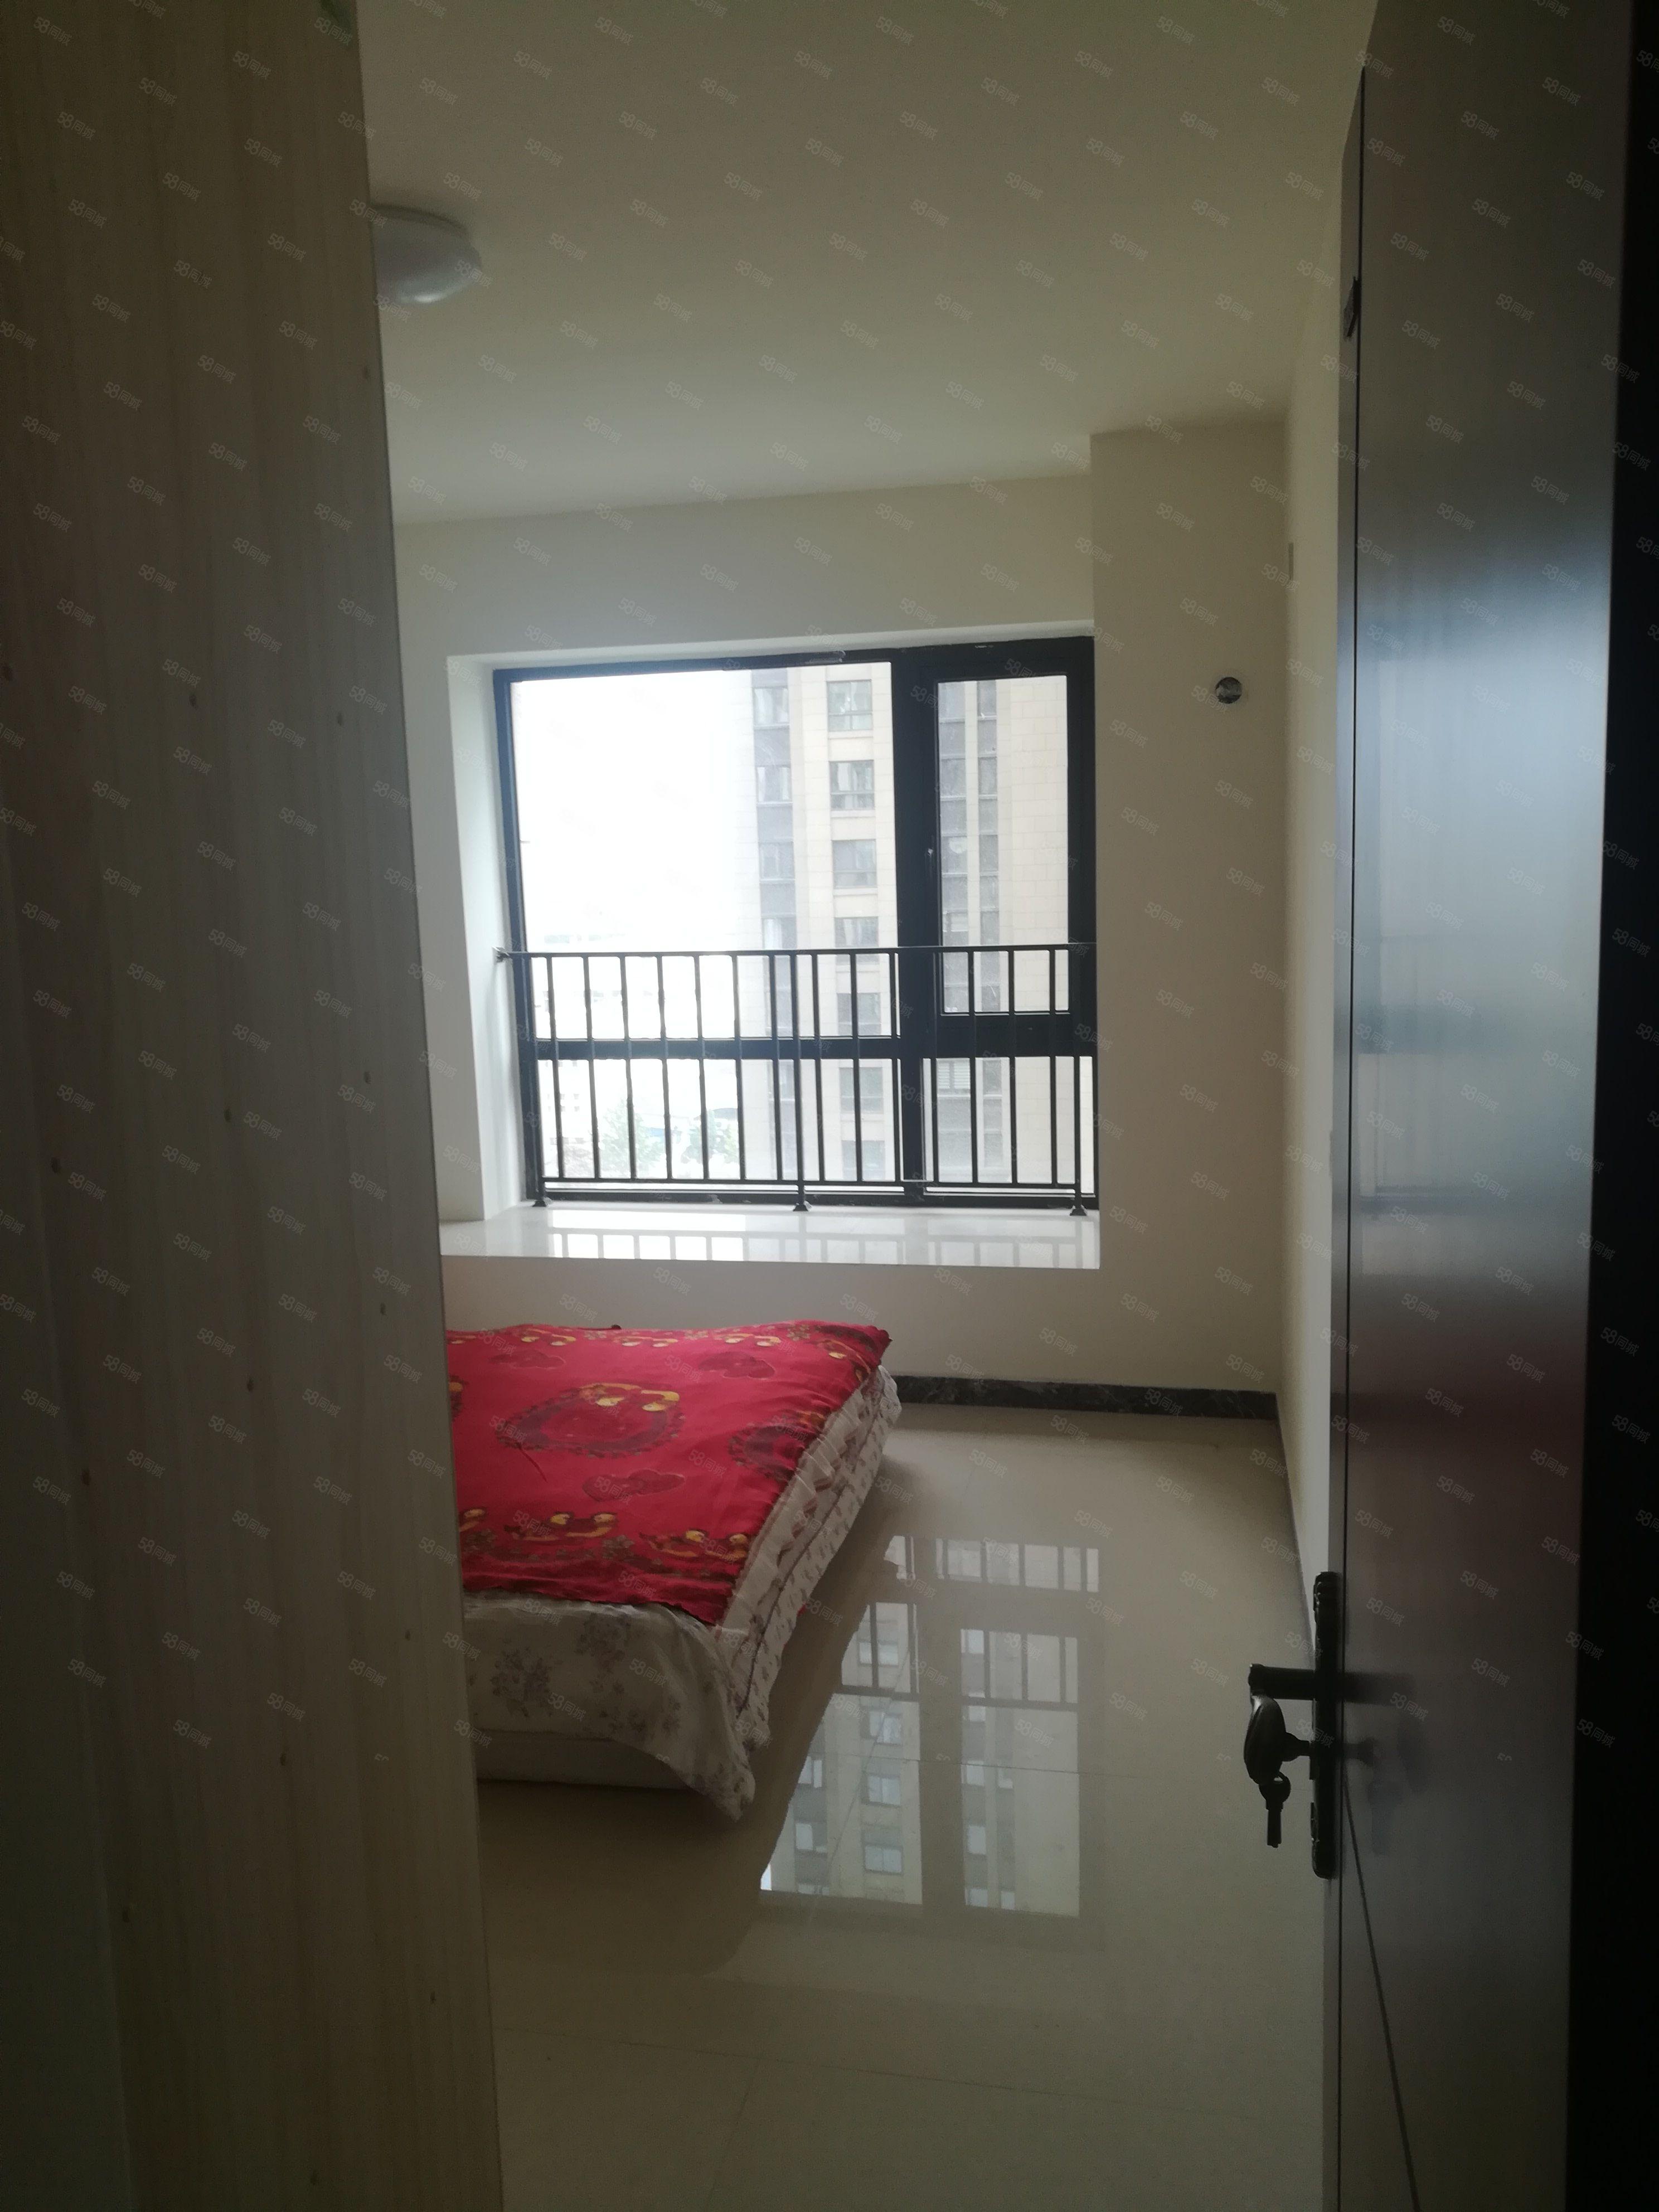 升龙地铁口学校旁三室安置房售价60万无差额欢迎看